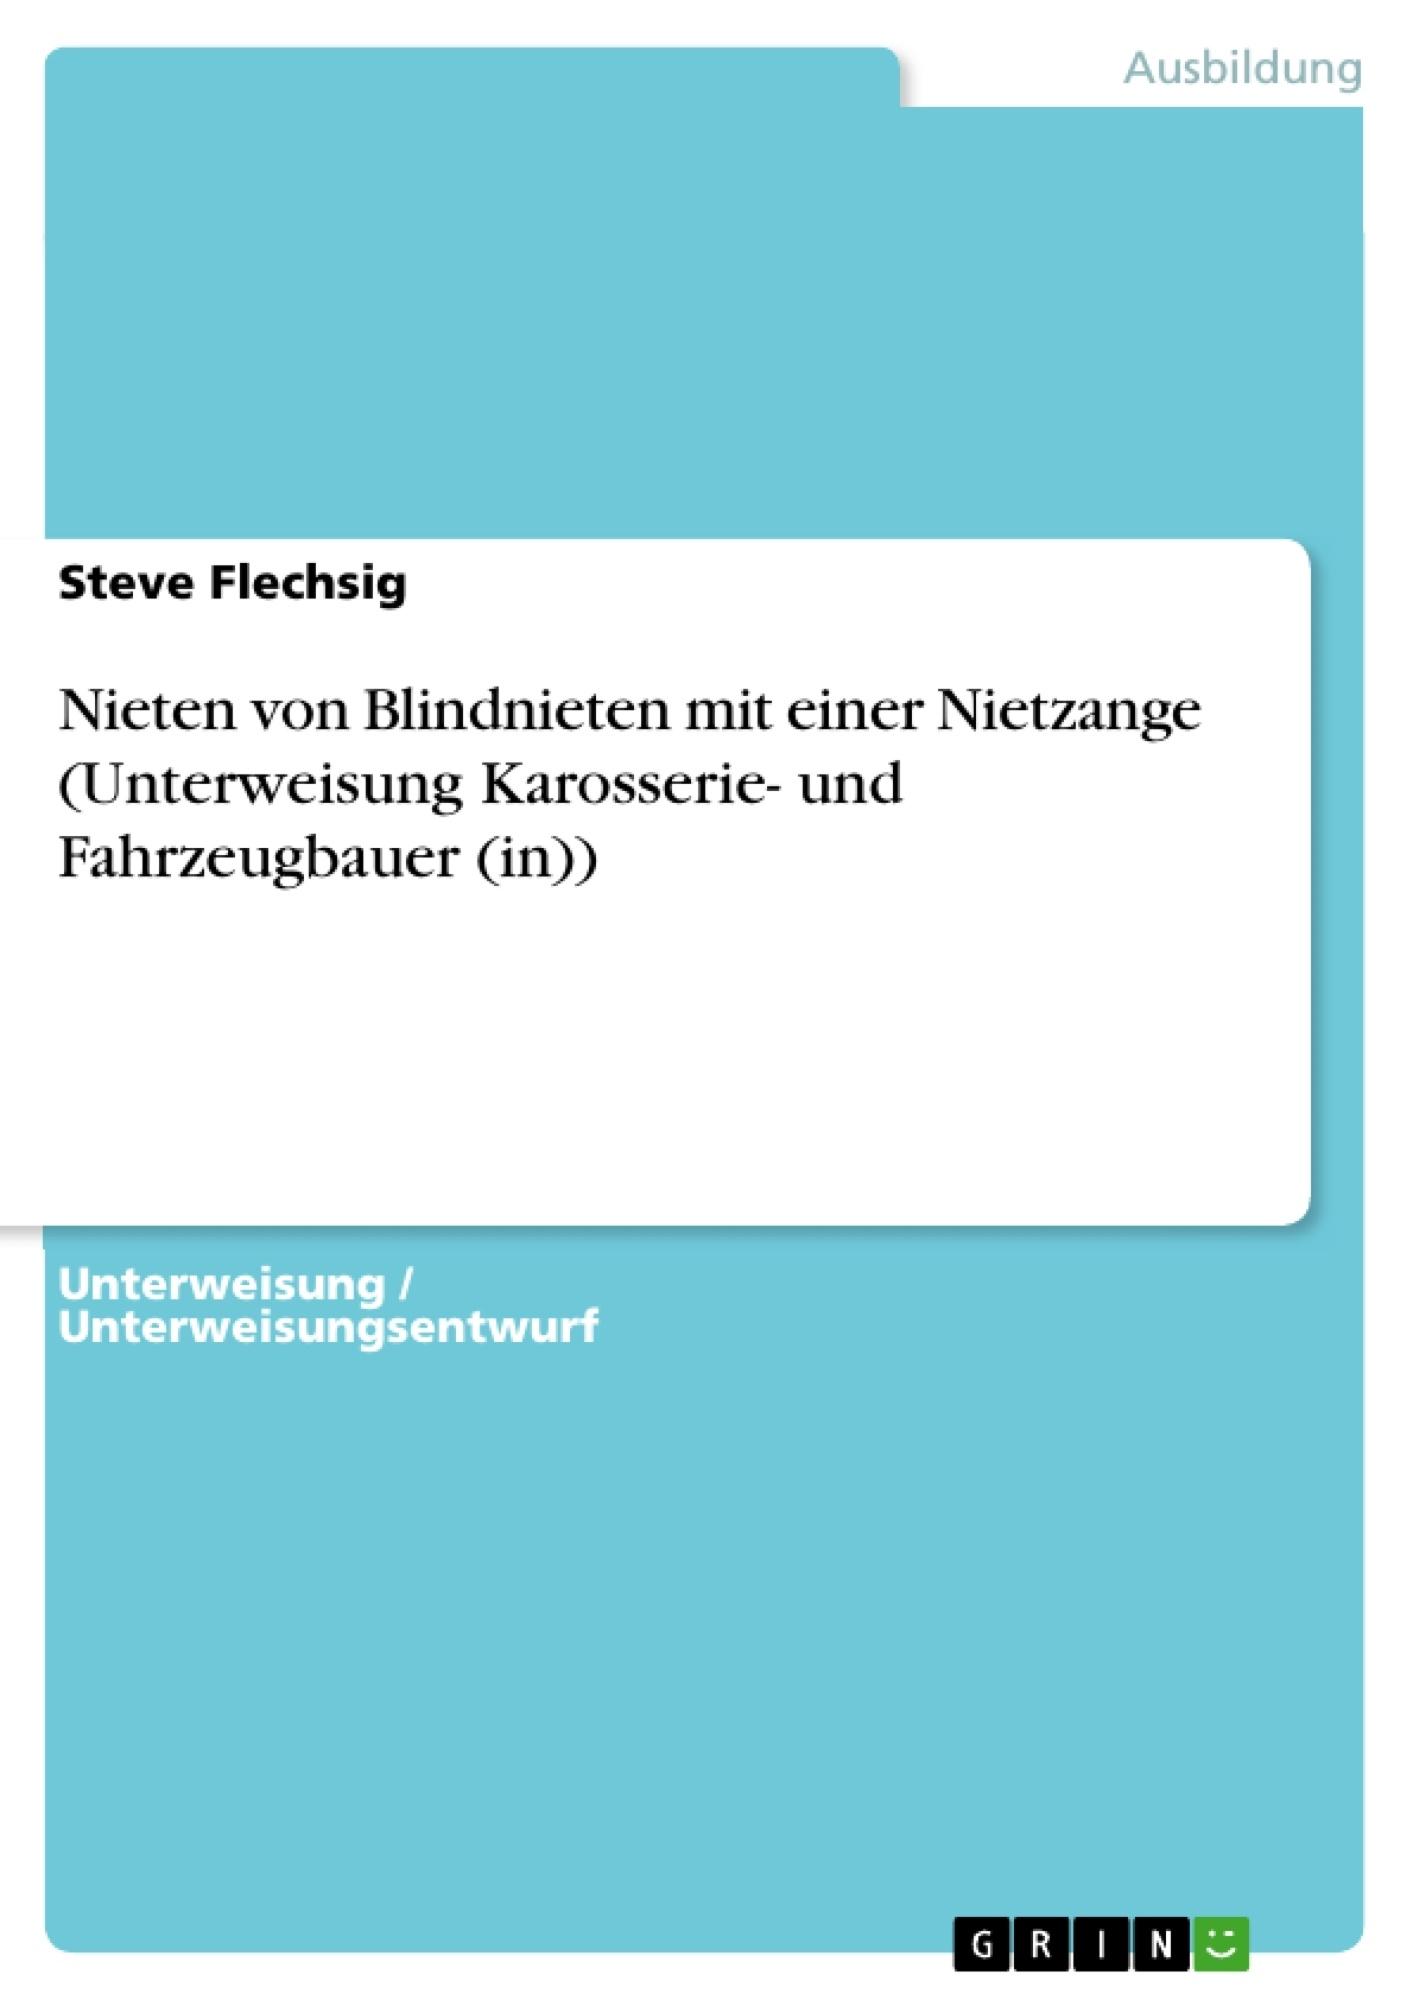 Titel: Nieten von Blindnieten mit einer Nietzange (Unterweisung Karosserie- und Fahrzeugbauer (in))